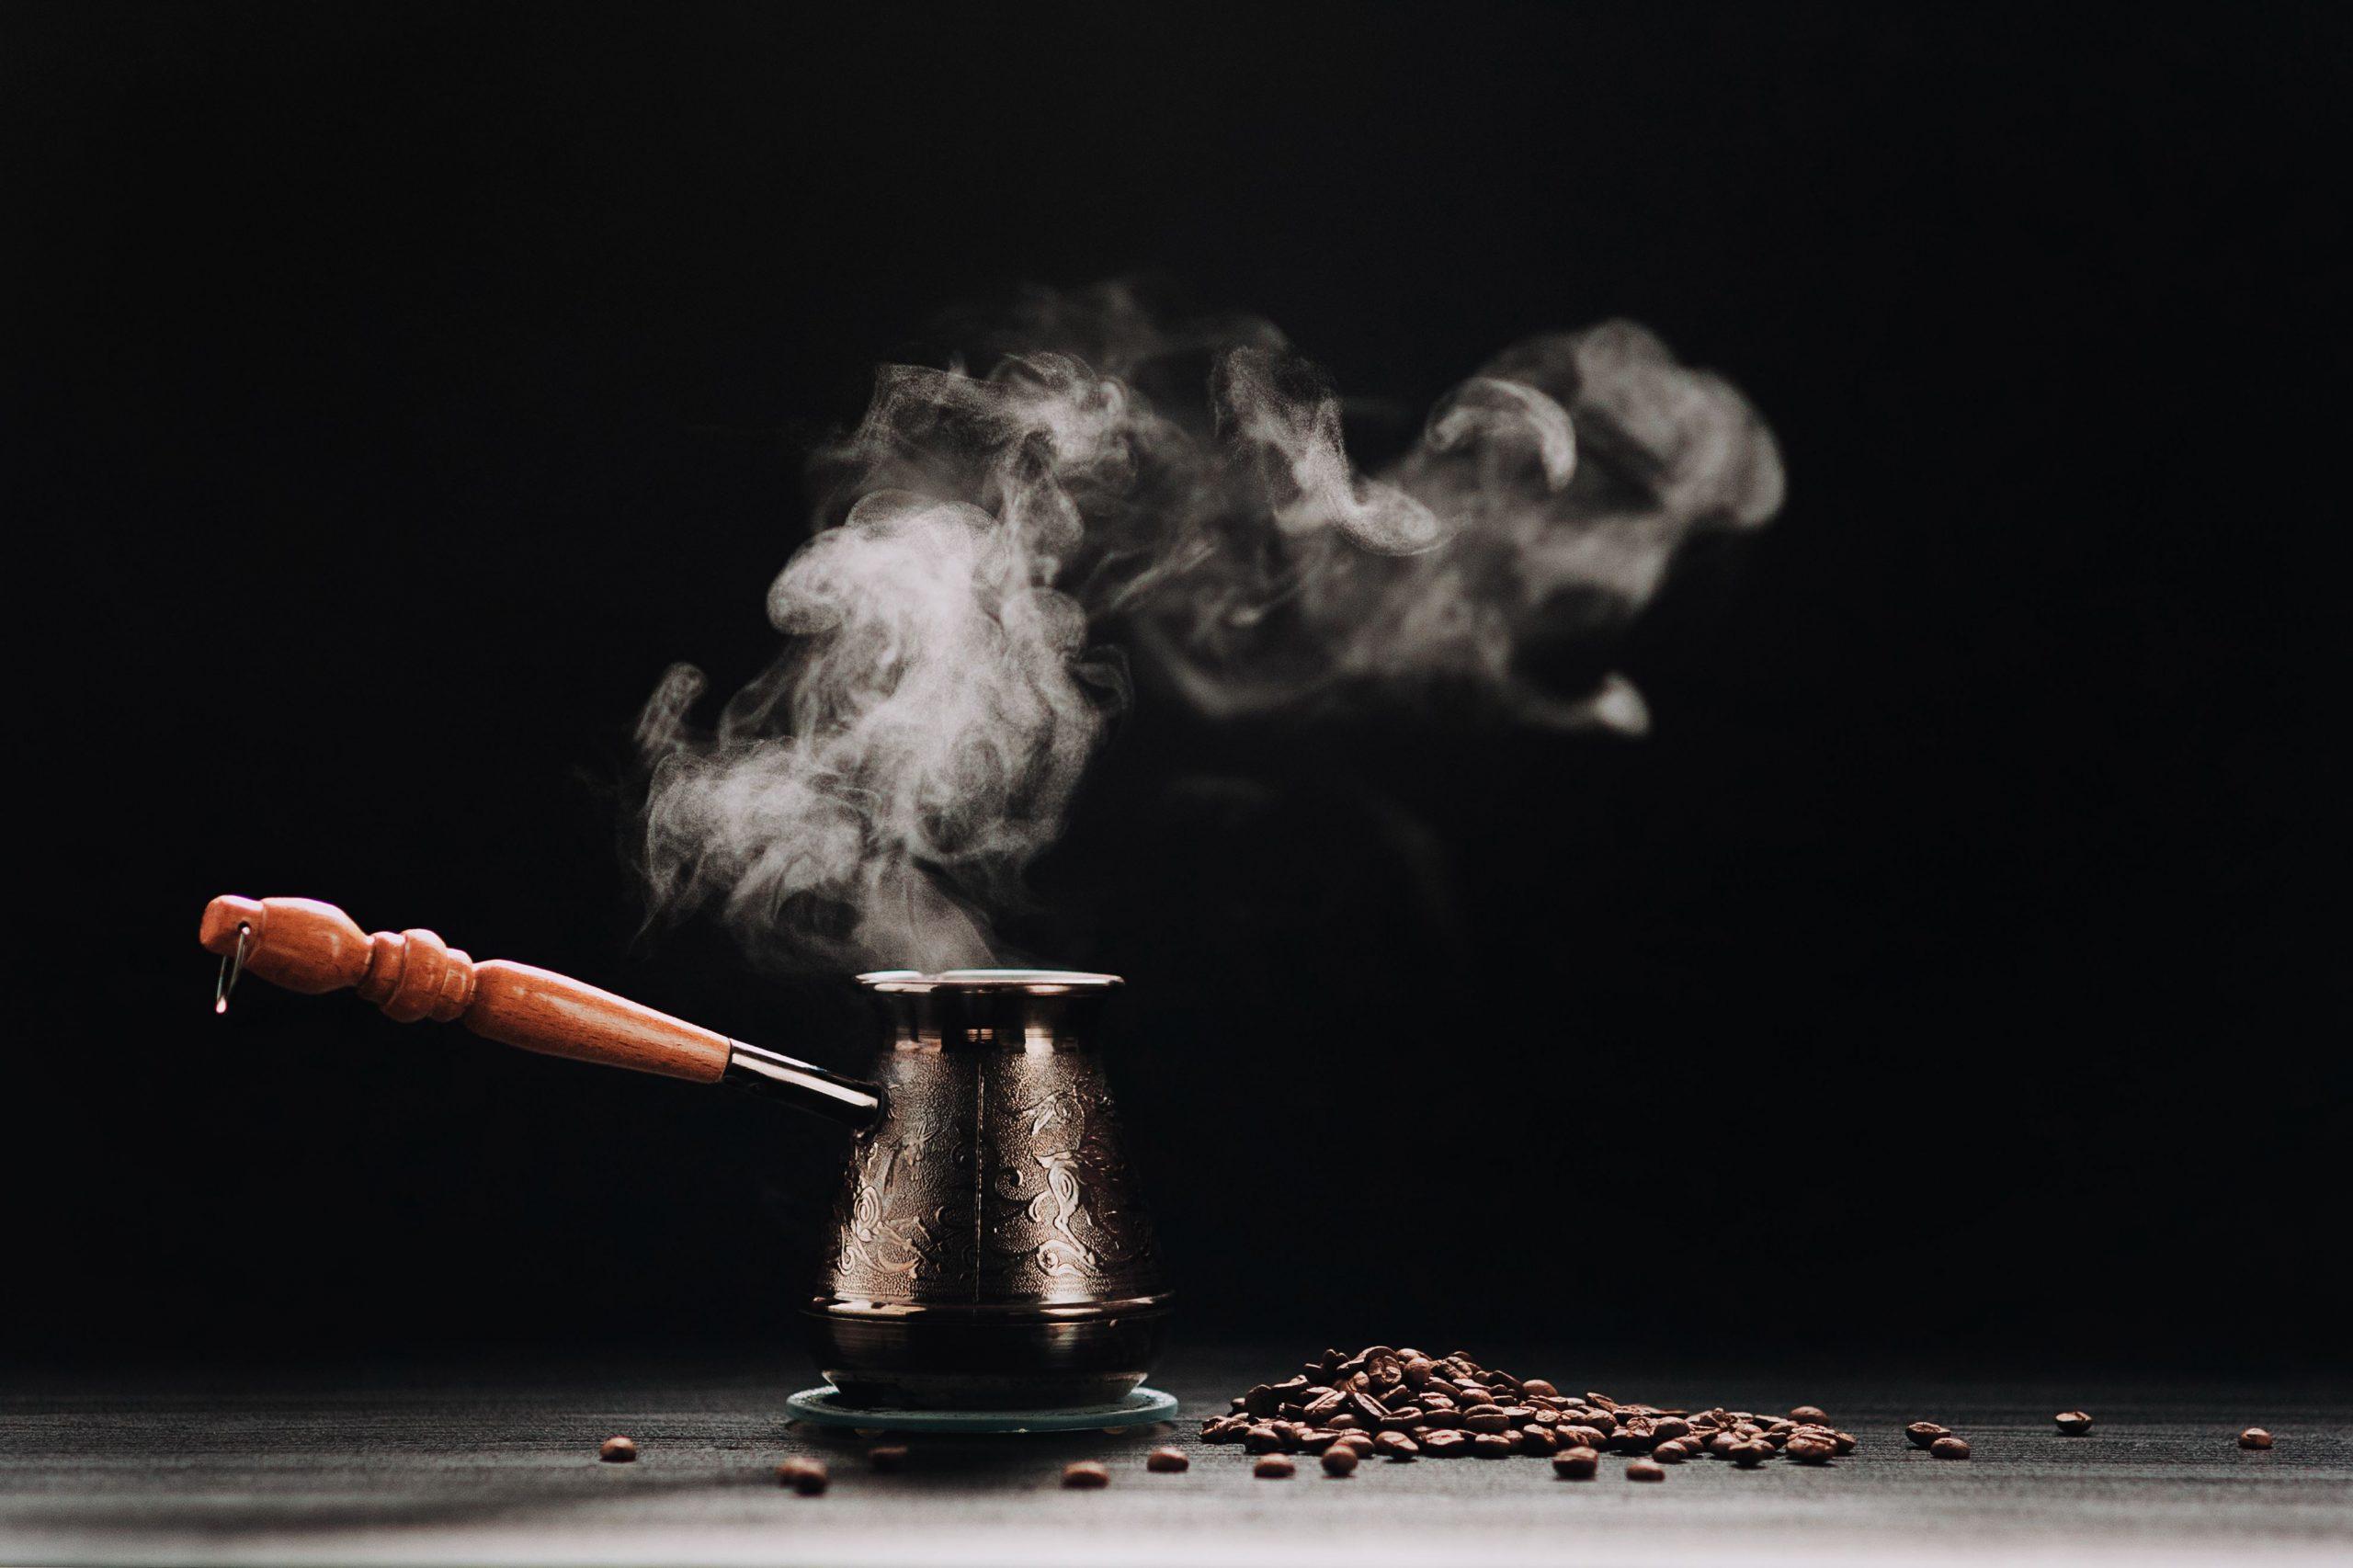 турка со свежесваренным кофе с паром